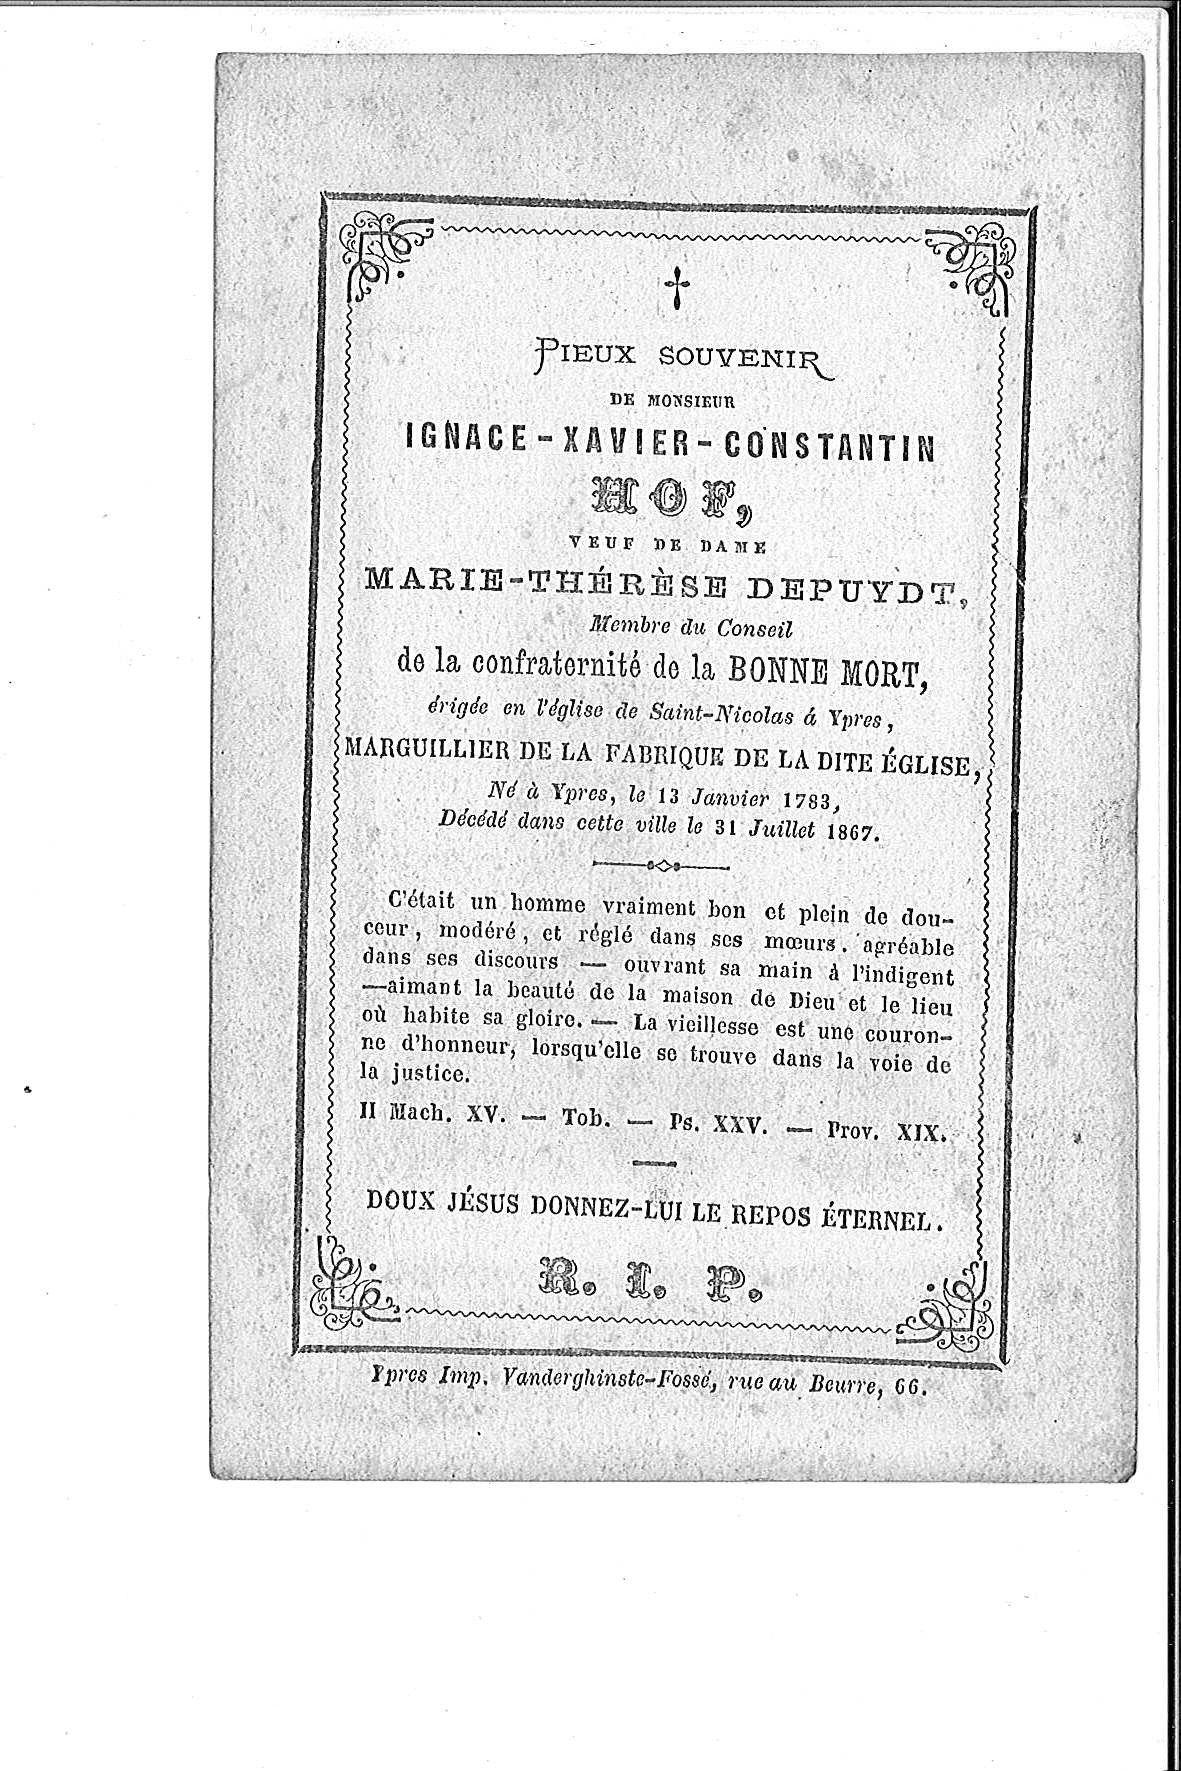 Ignace-Xavier-Constantin(1867)20151002161158_00019.jpg